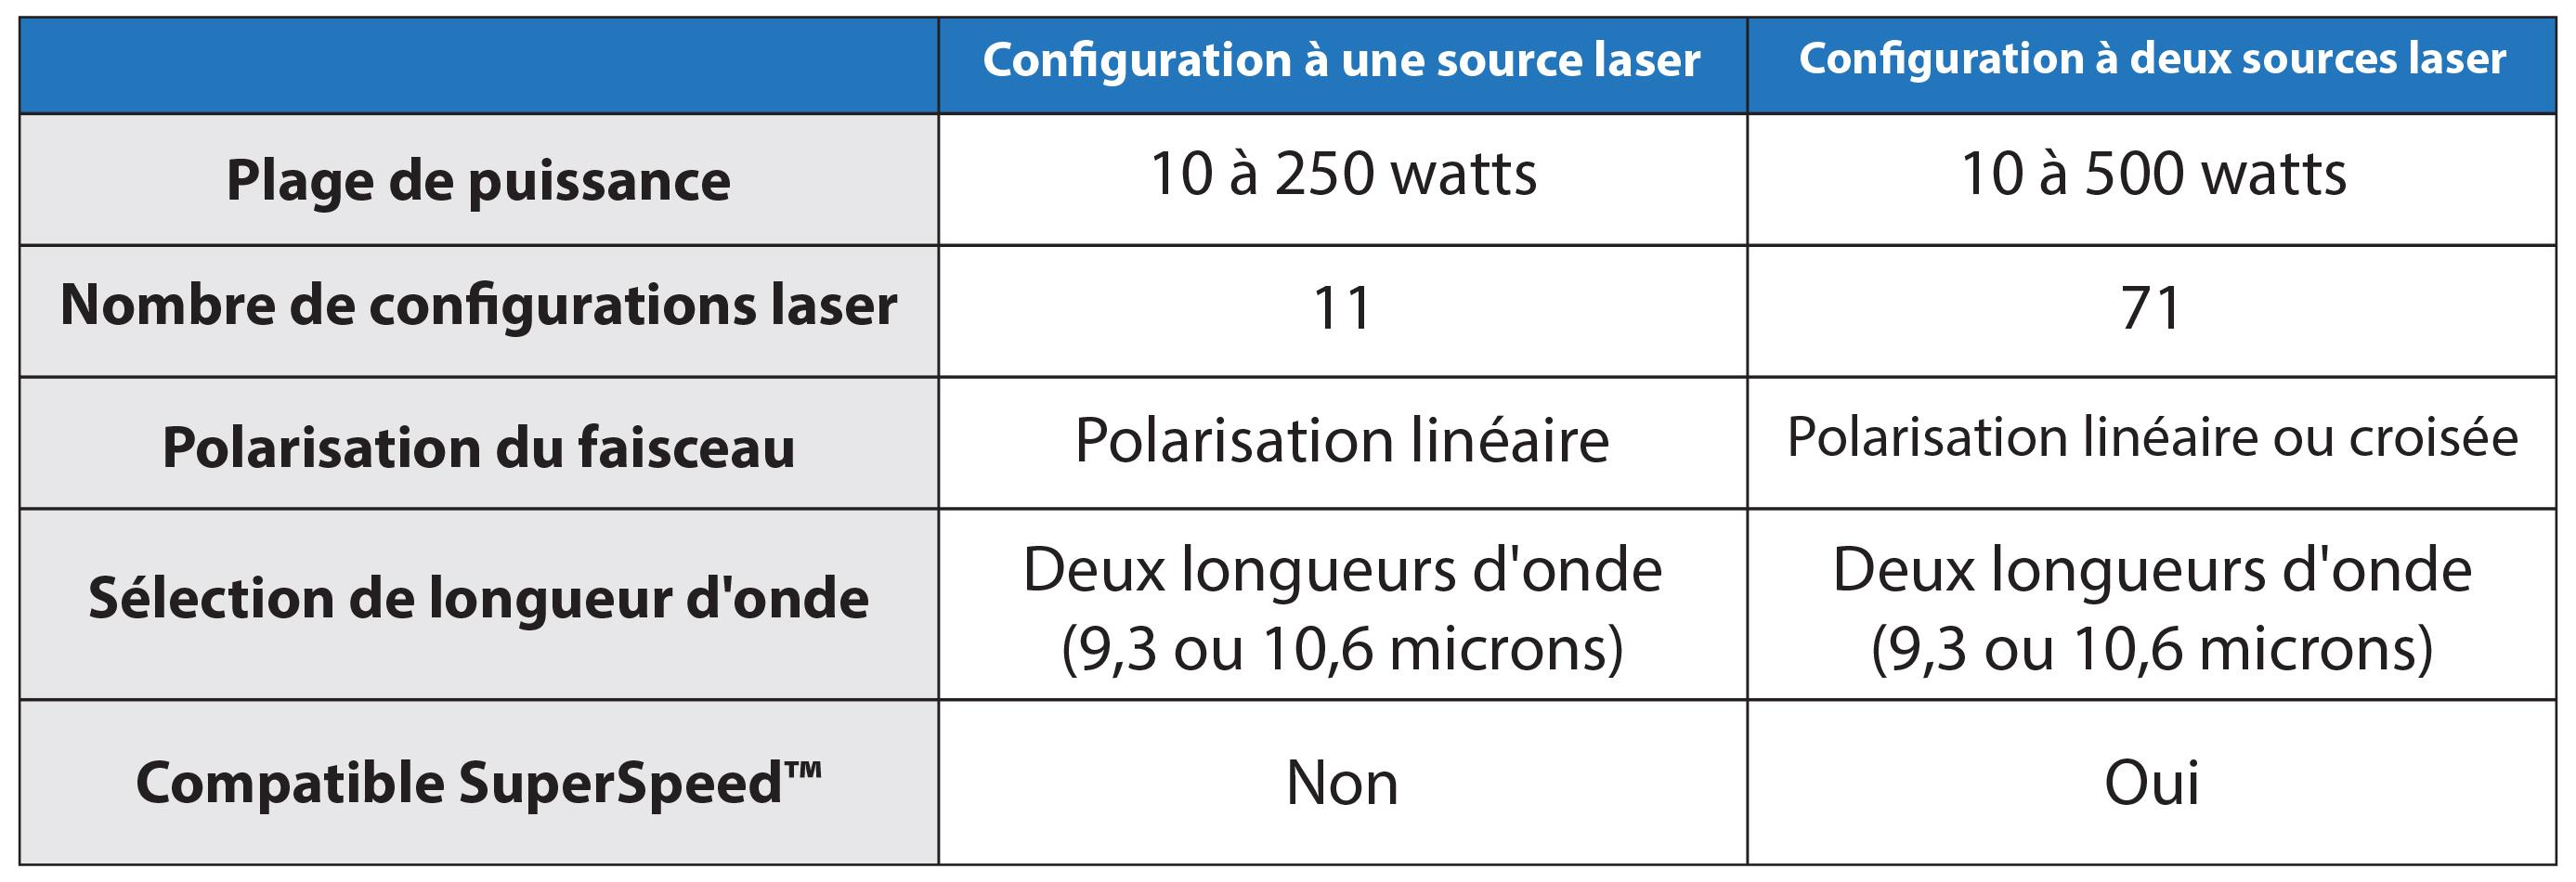 Graphique de configuration à une et deux sources laser